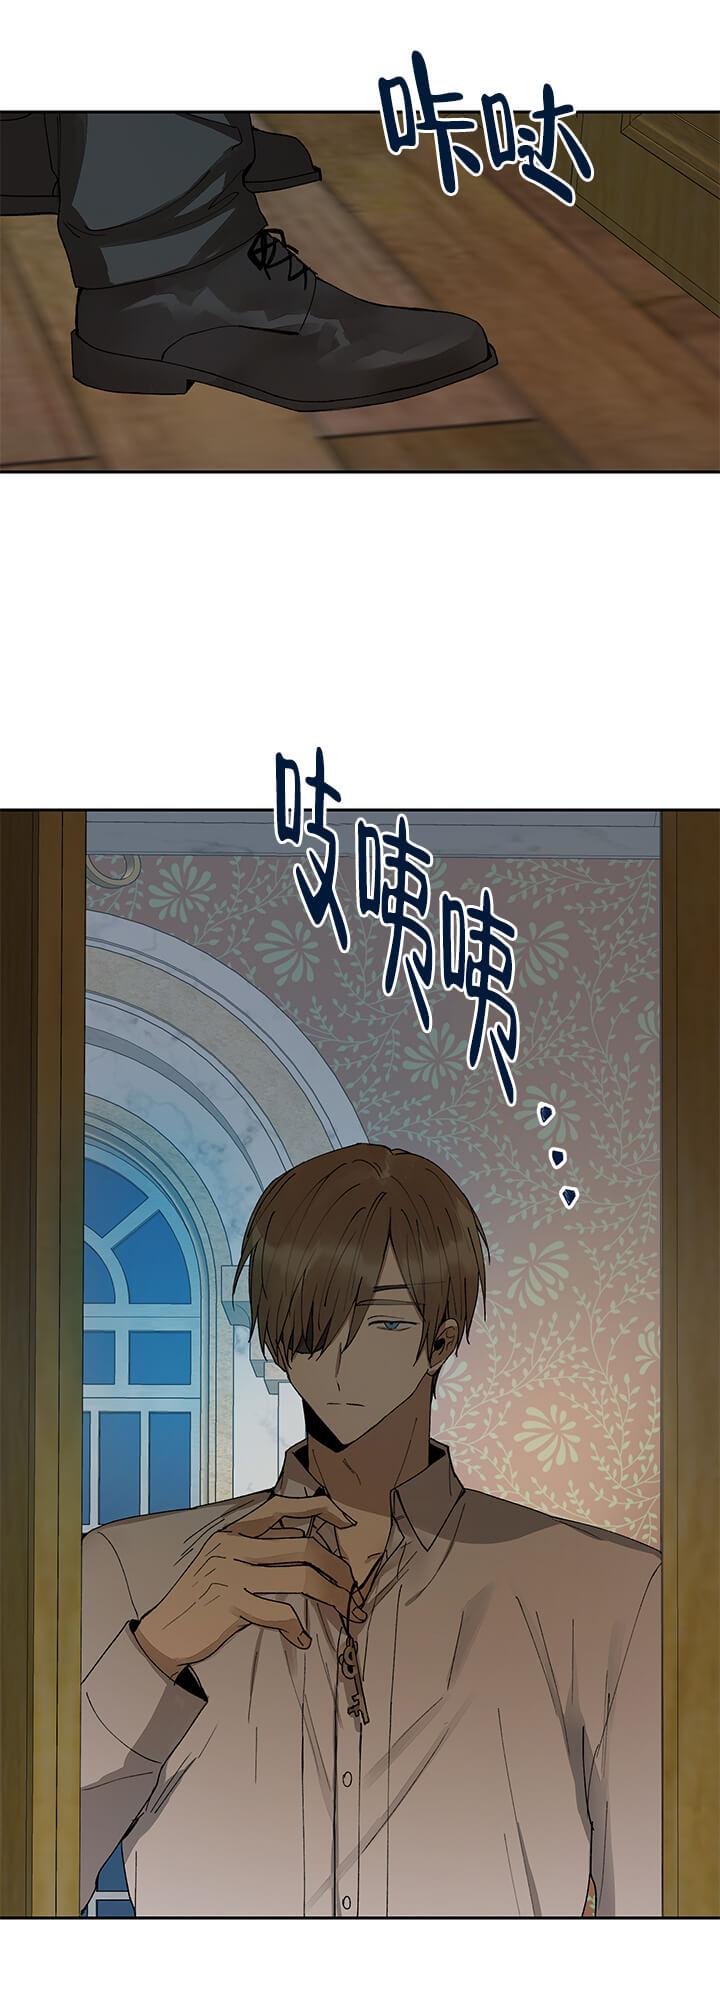 韩漫 |《谁在撒谎》表面忠诚骑士x危险人质王子,究竟谁在撒谎?  第9张